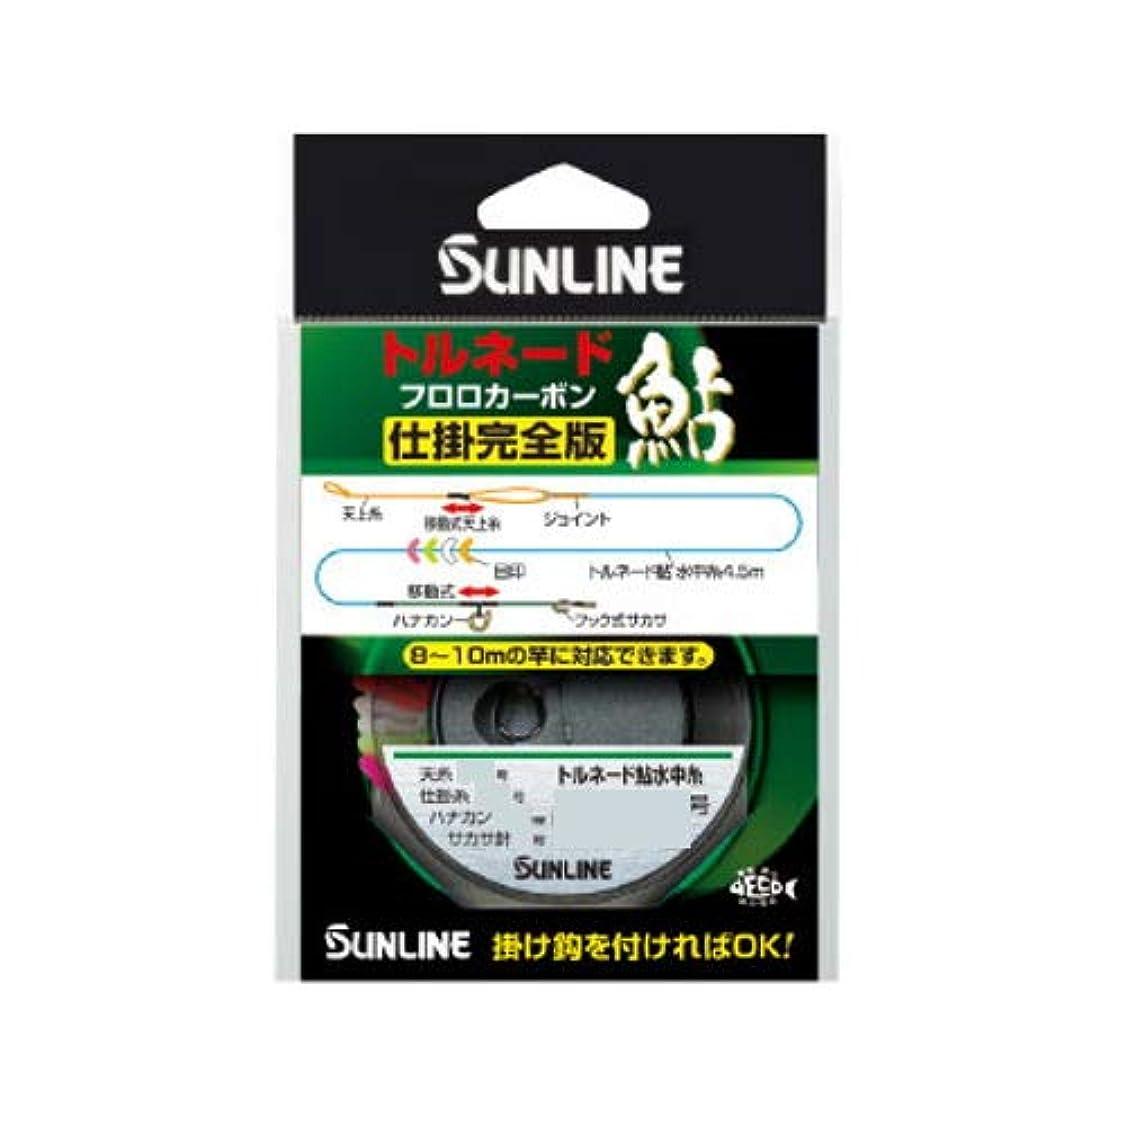 とげ赤外線劣るサンライン(SUNLINE) トルネード鮎 仕掛完全版 #0.25